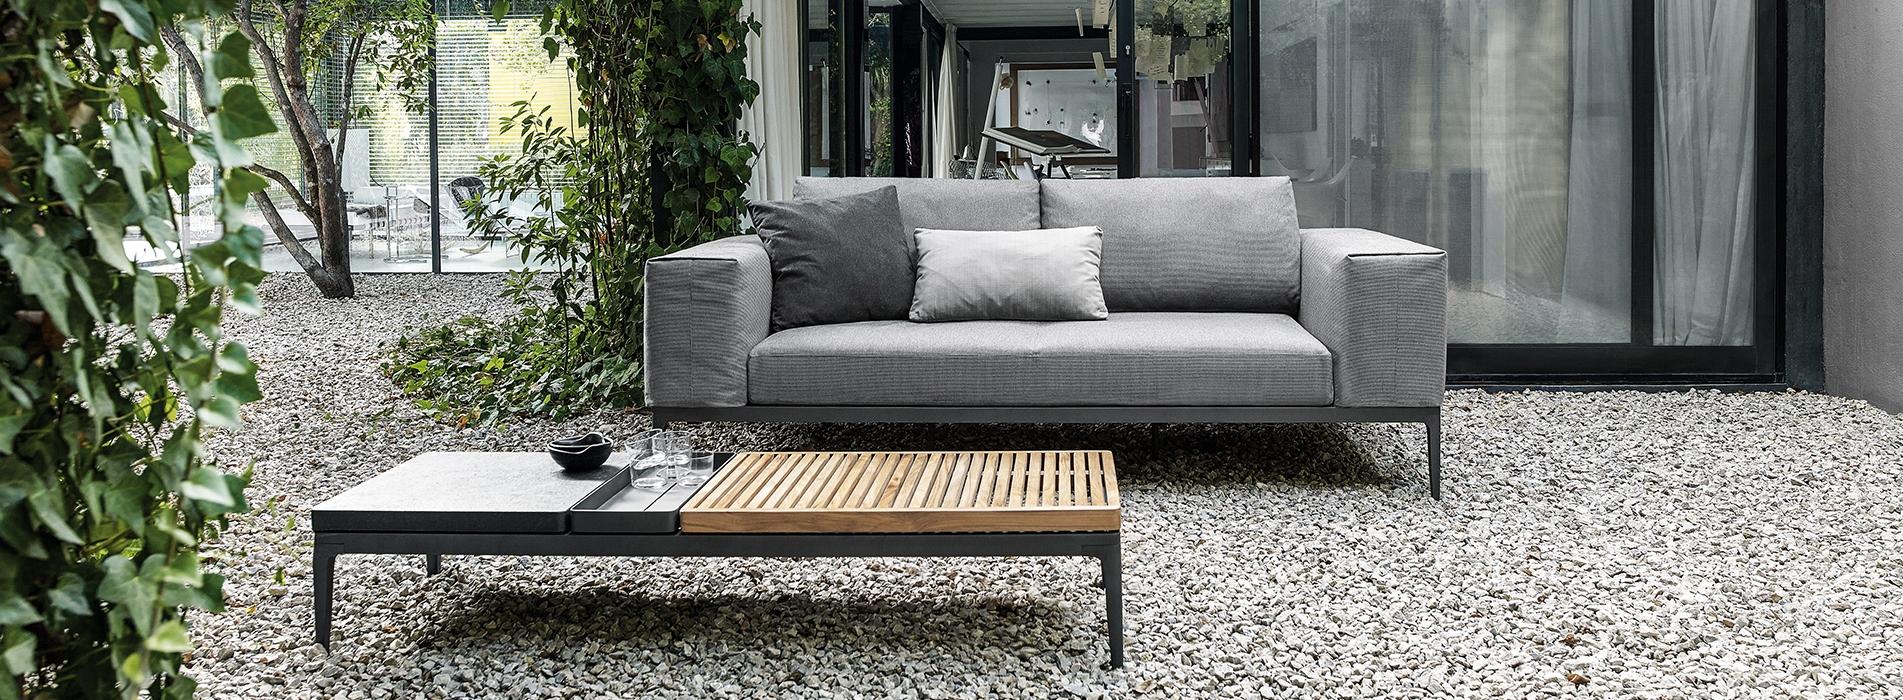 Inside-Concept-Architecture-d-interieur-amenagement-exterieur-mobilier-design-Gloster-banner